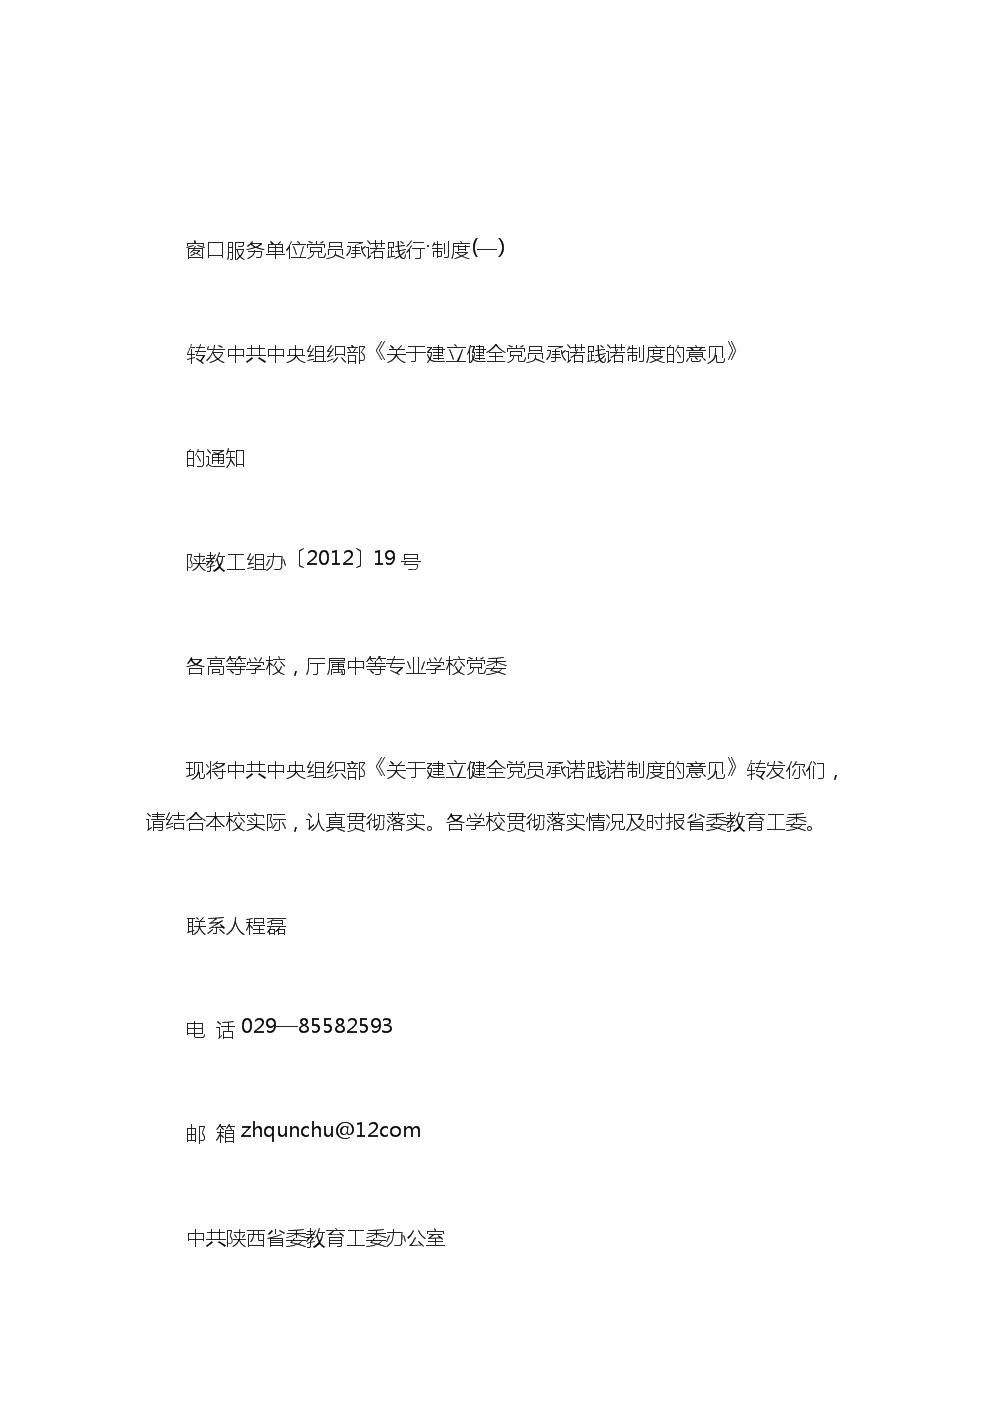 窗口服務單位黨員承諾踐行·制度范文.doc